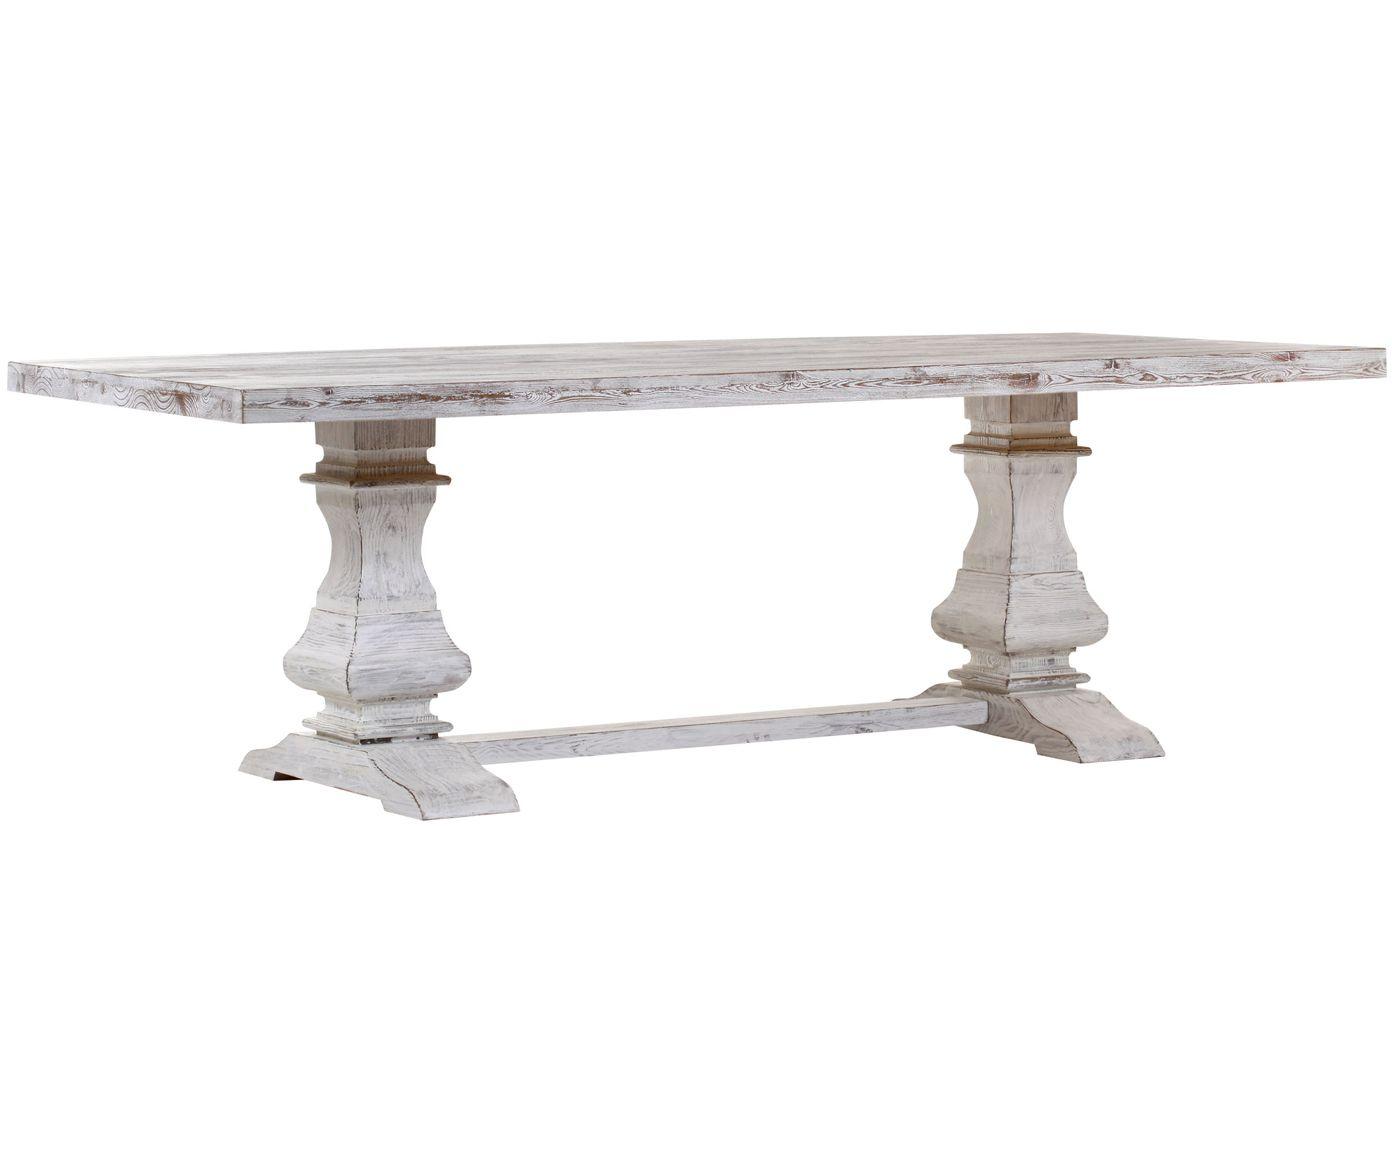 Wundervoll Dieser Tisch Ist Ein Tolles Highlight Für Ihren Essbereich. Das Weiß  Lackierte Pinienholz Passt Perfekt